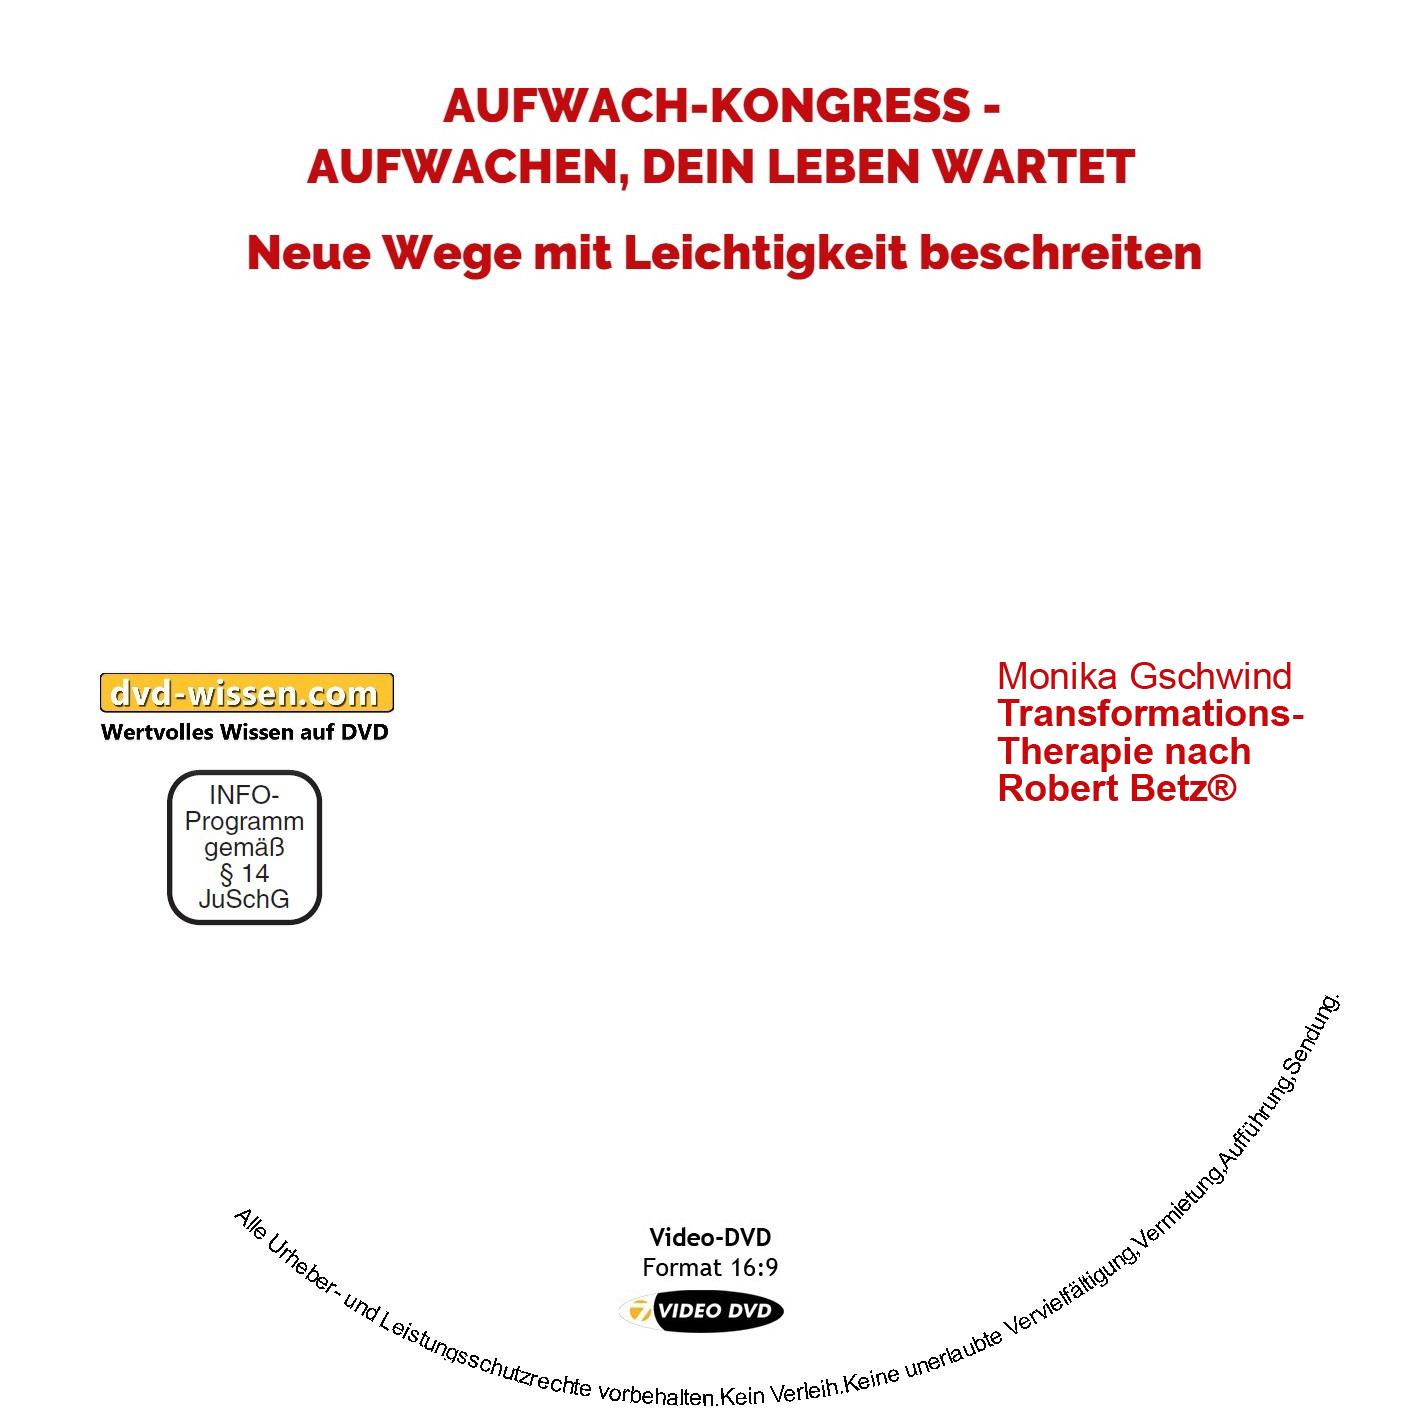 Monika Gschwind: Transformations-Therapie nach Robert Betz® 1 DVD-Wissen - Experten Know How